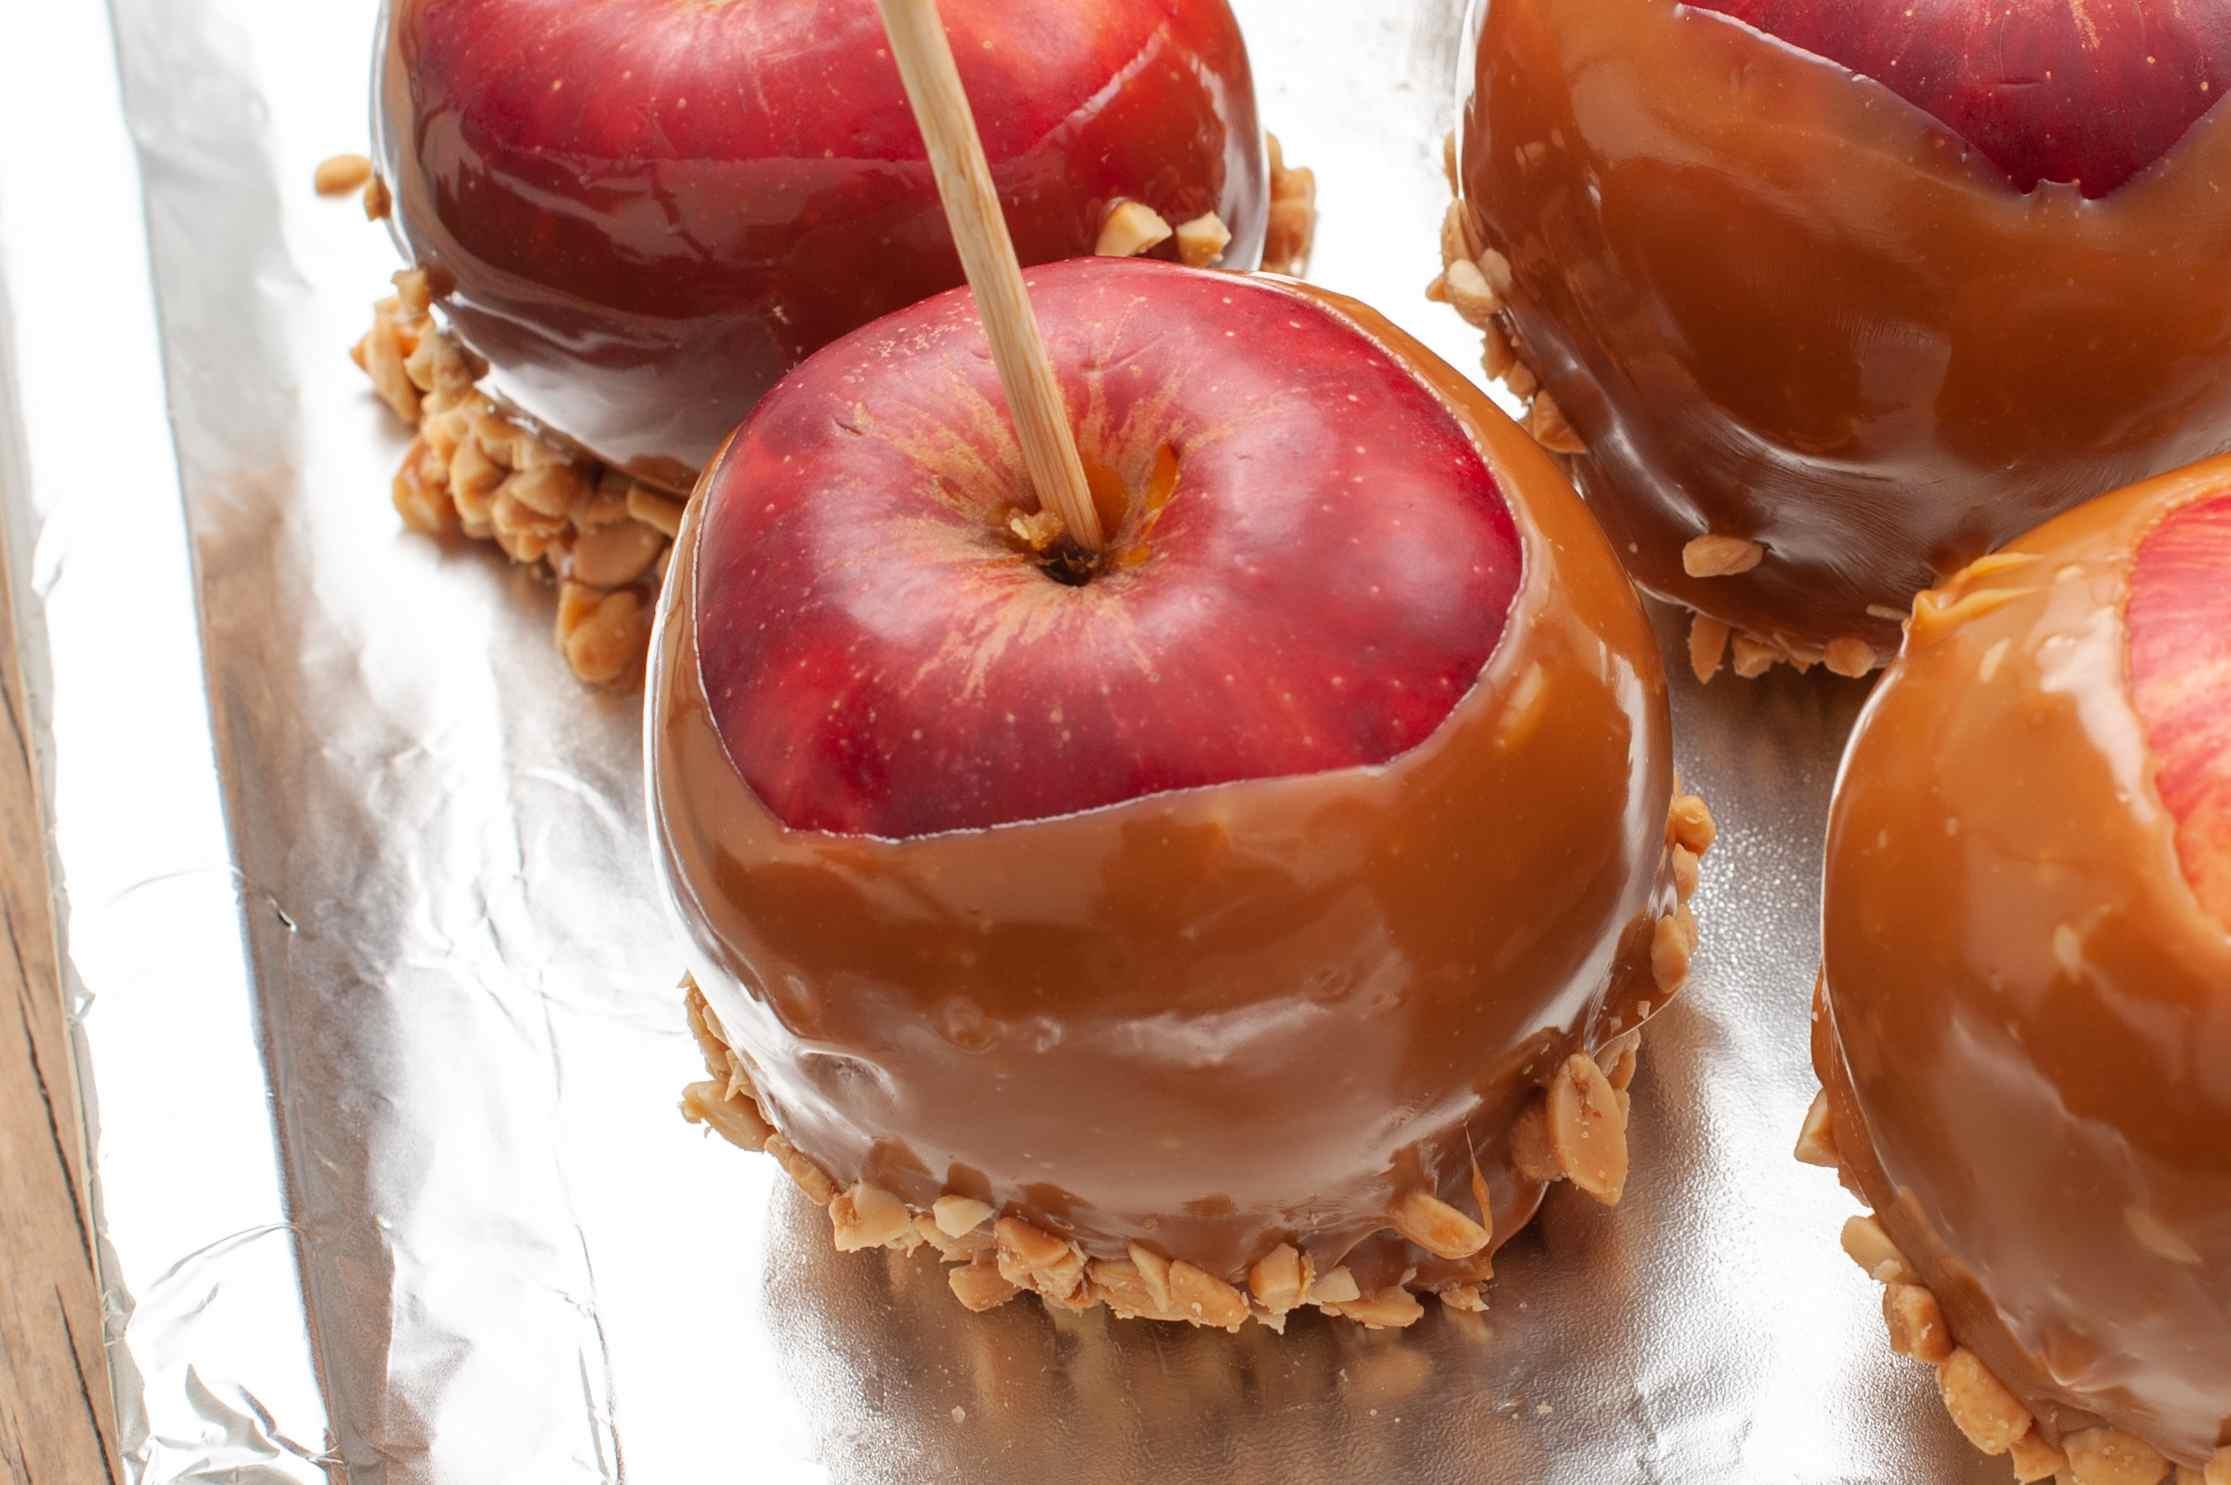 Chill apples in fridge